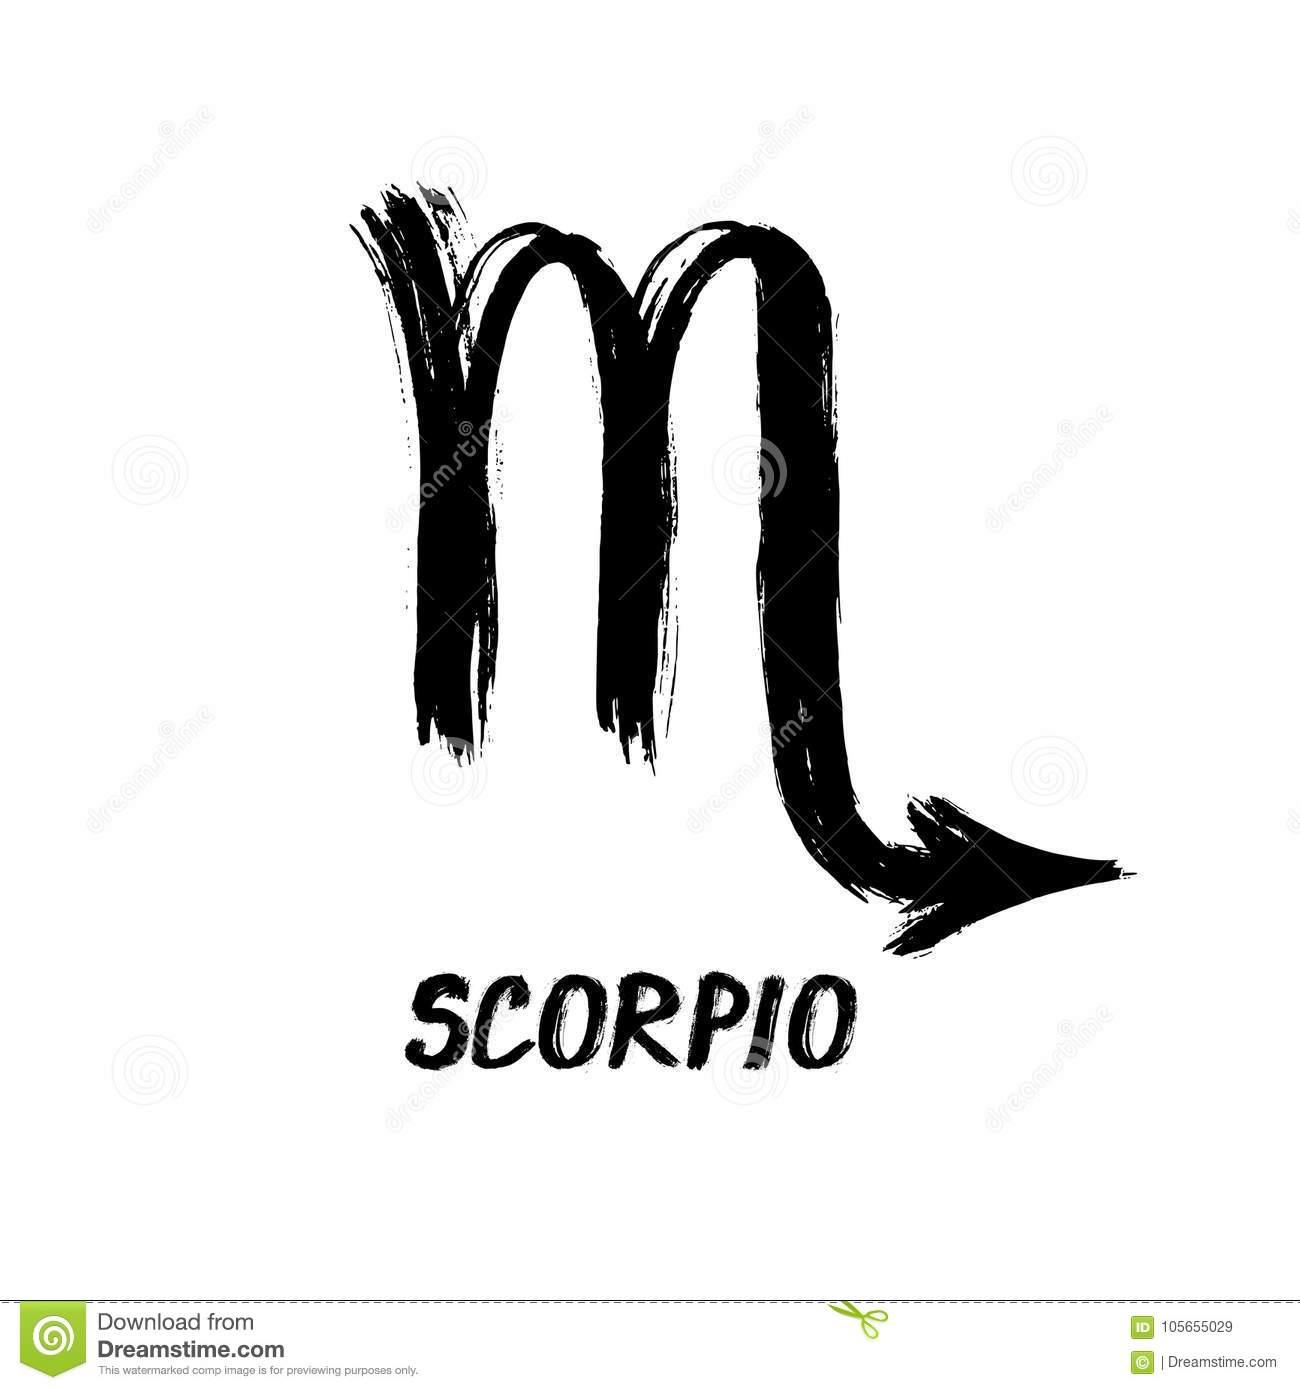 Schmutz-Sternzeichen - Skorpion - Der Skorpion Vektor bestimmt für Skorpion Sternzeichen Bilder